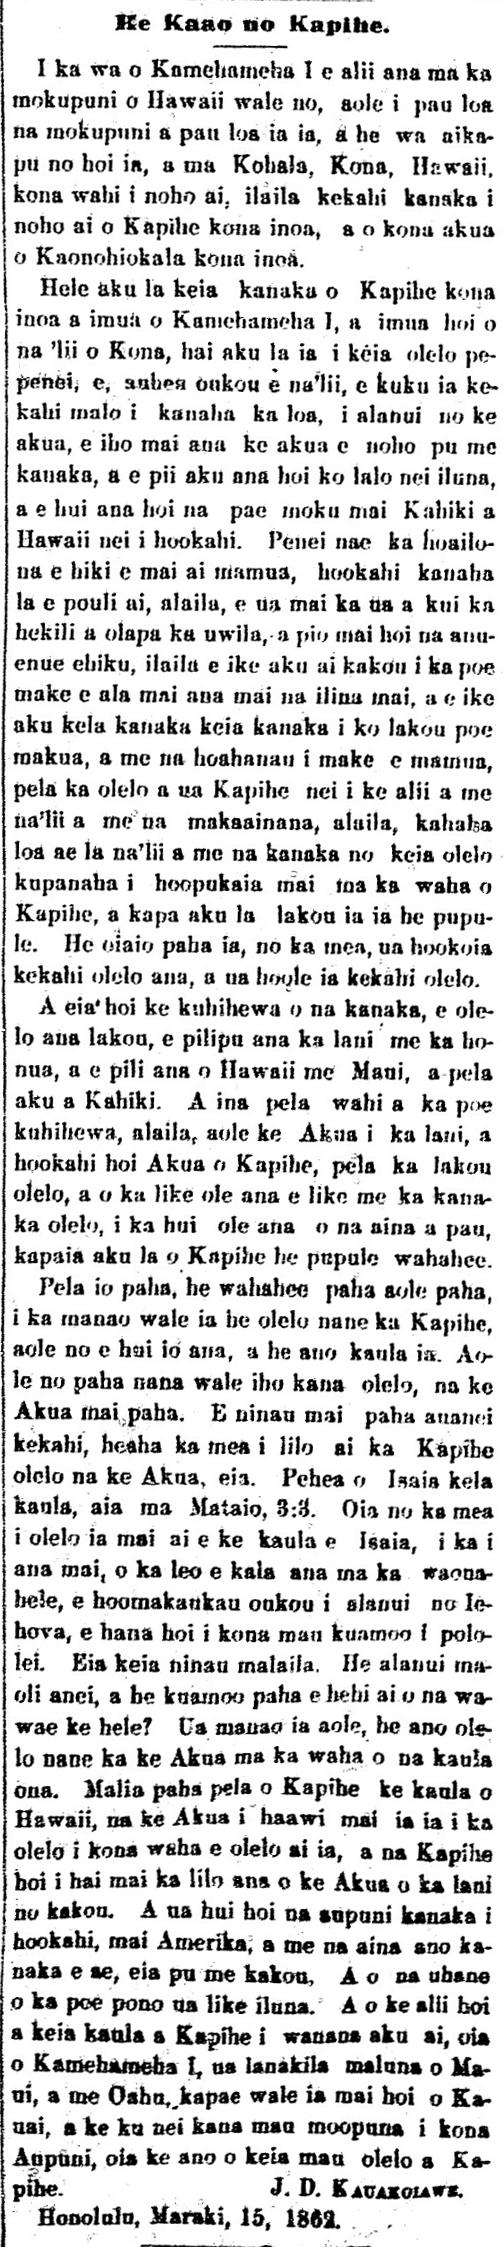 Ke Kaao no Kapihe.